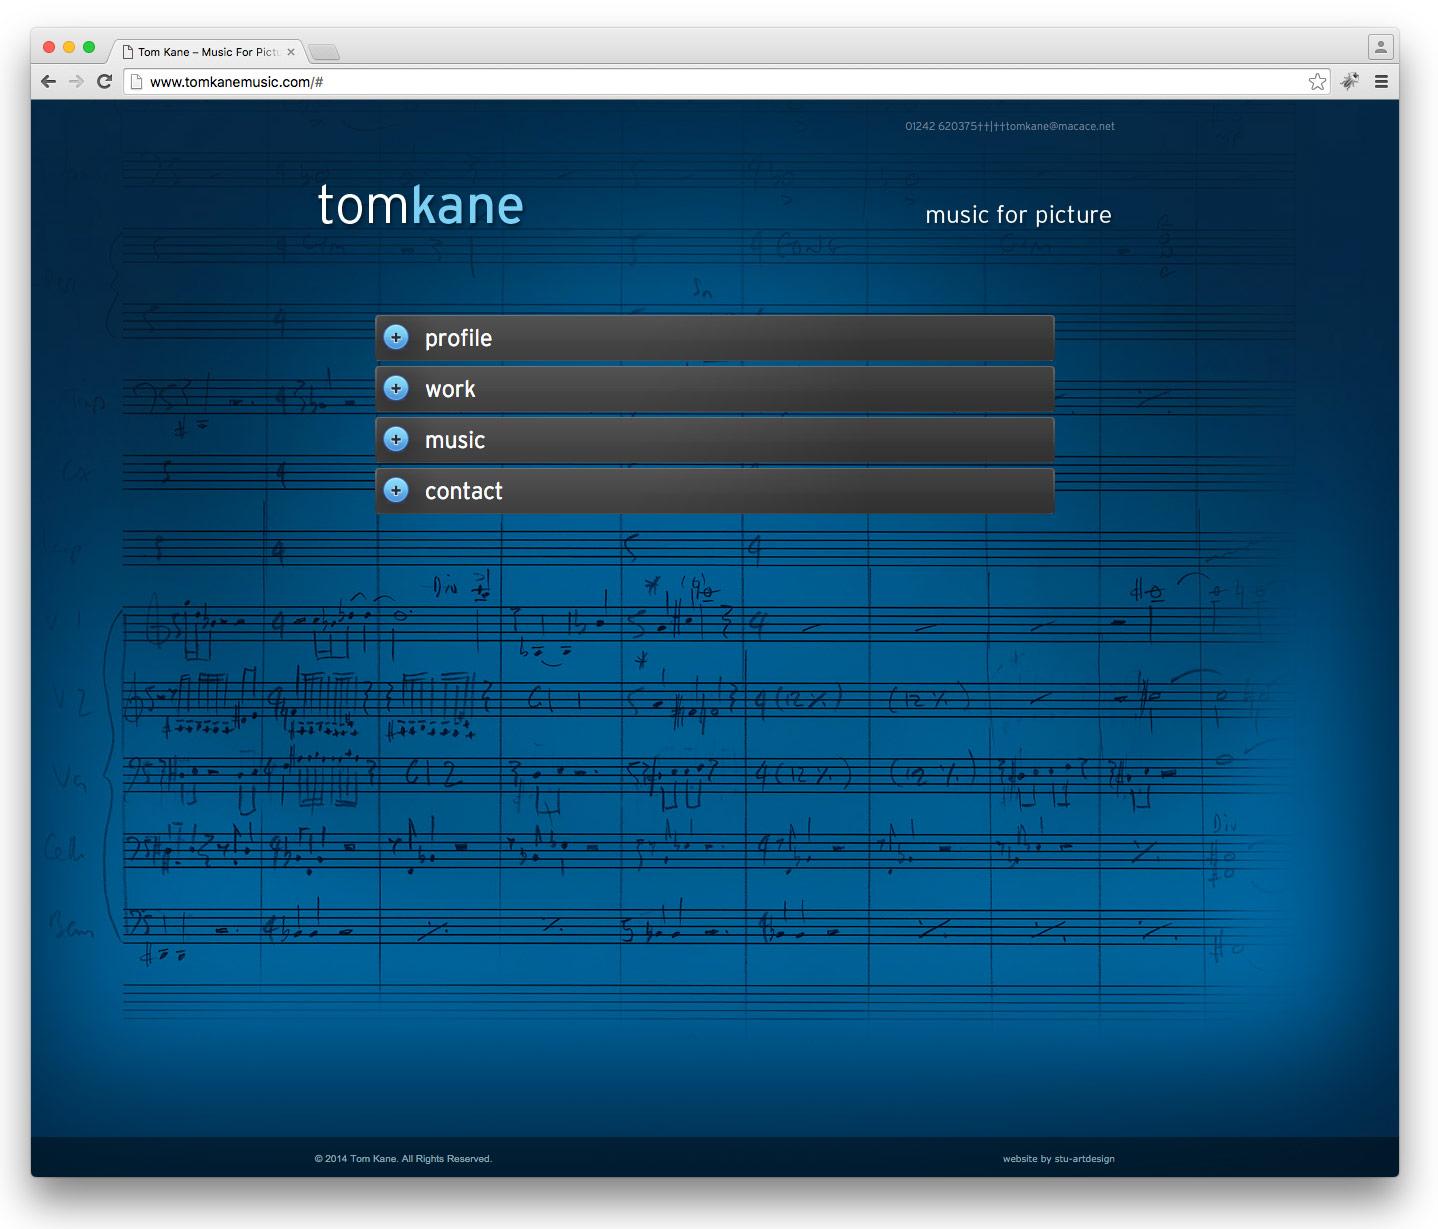 Tom Kane Music